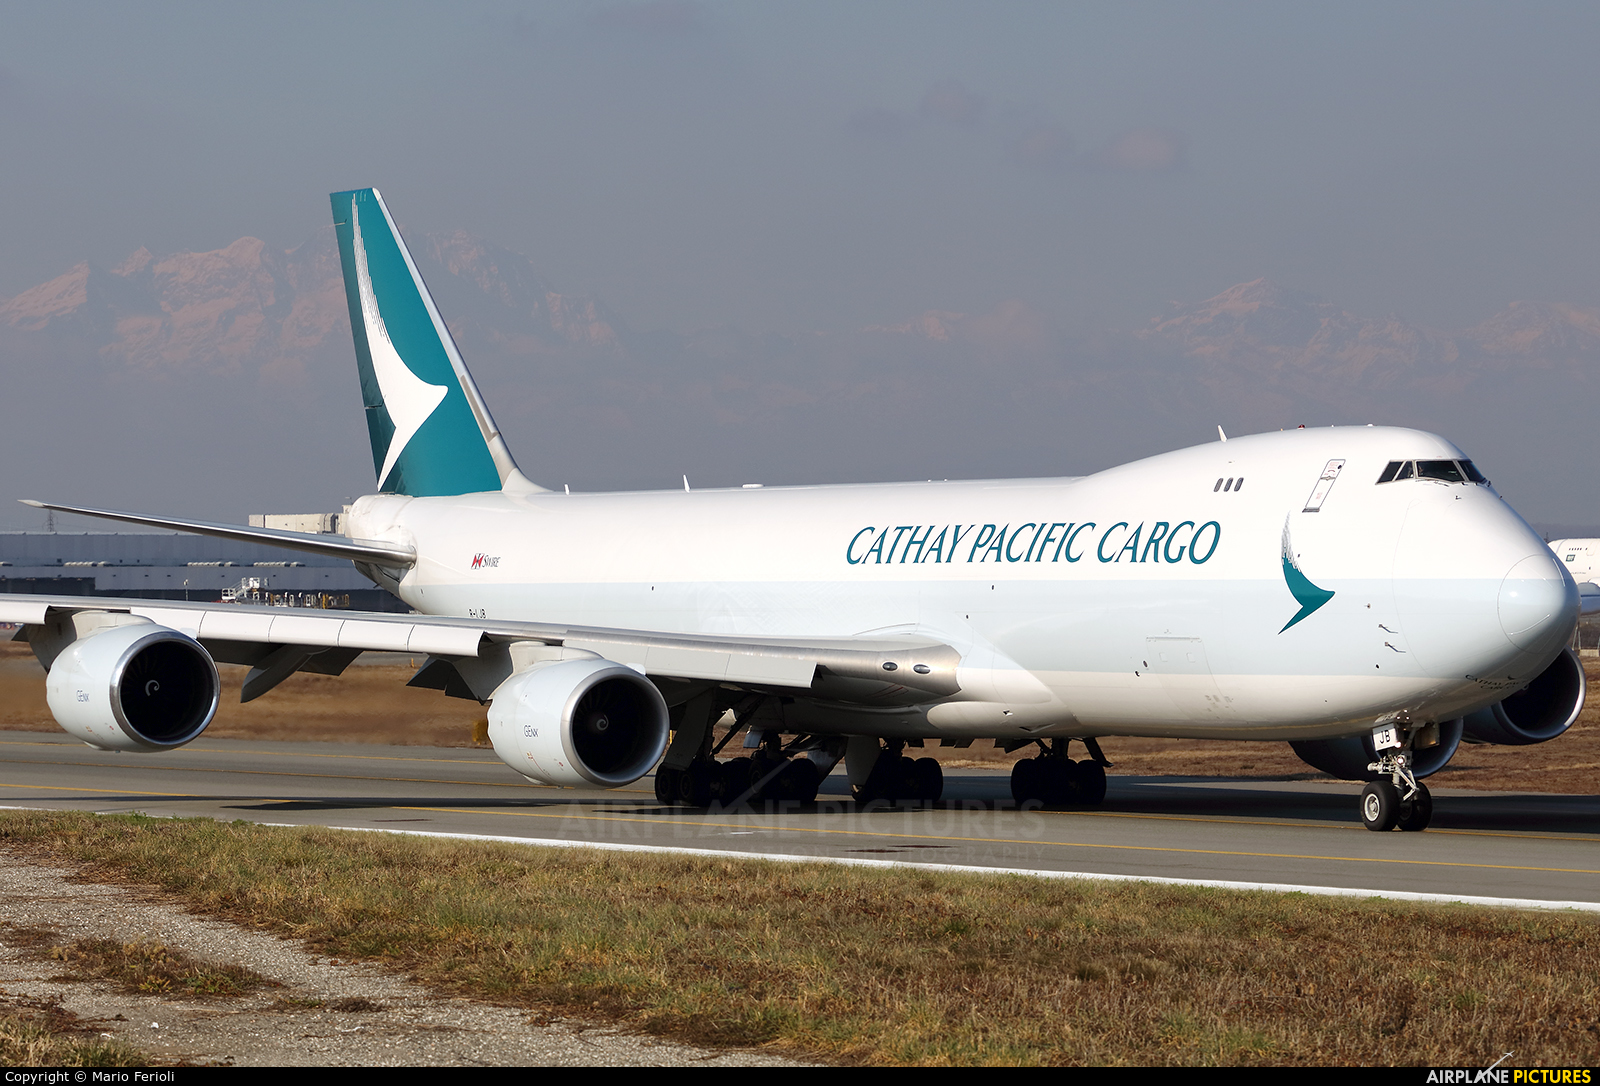 Cathay Pacific Cargo B-LJB aircraft at Milan - Malpensa